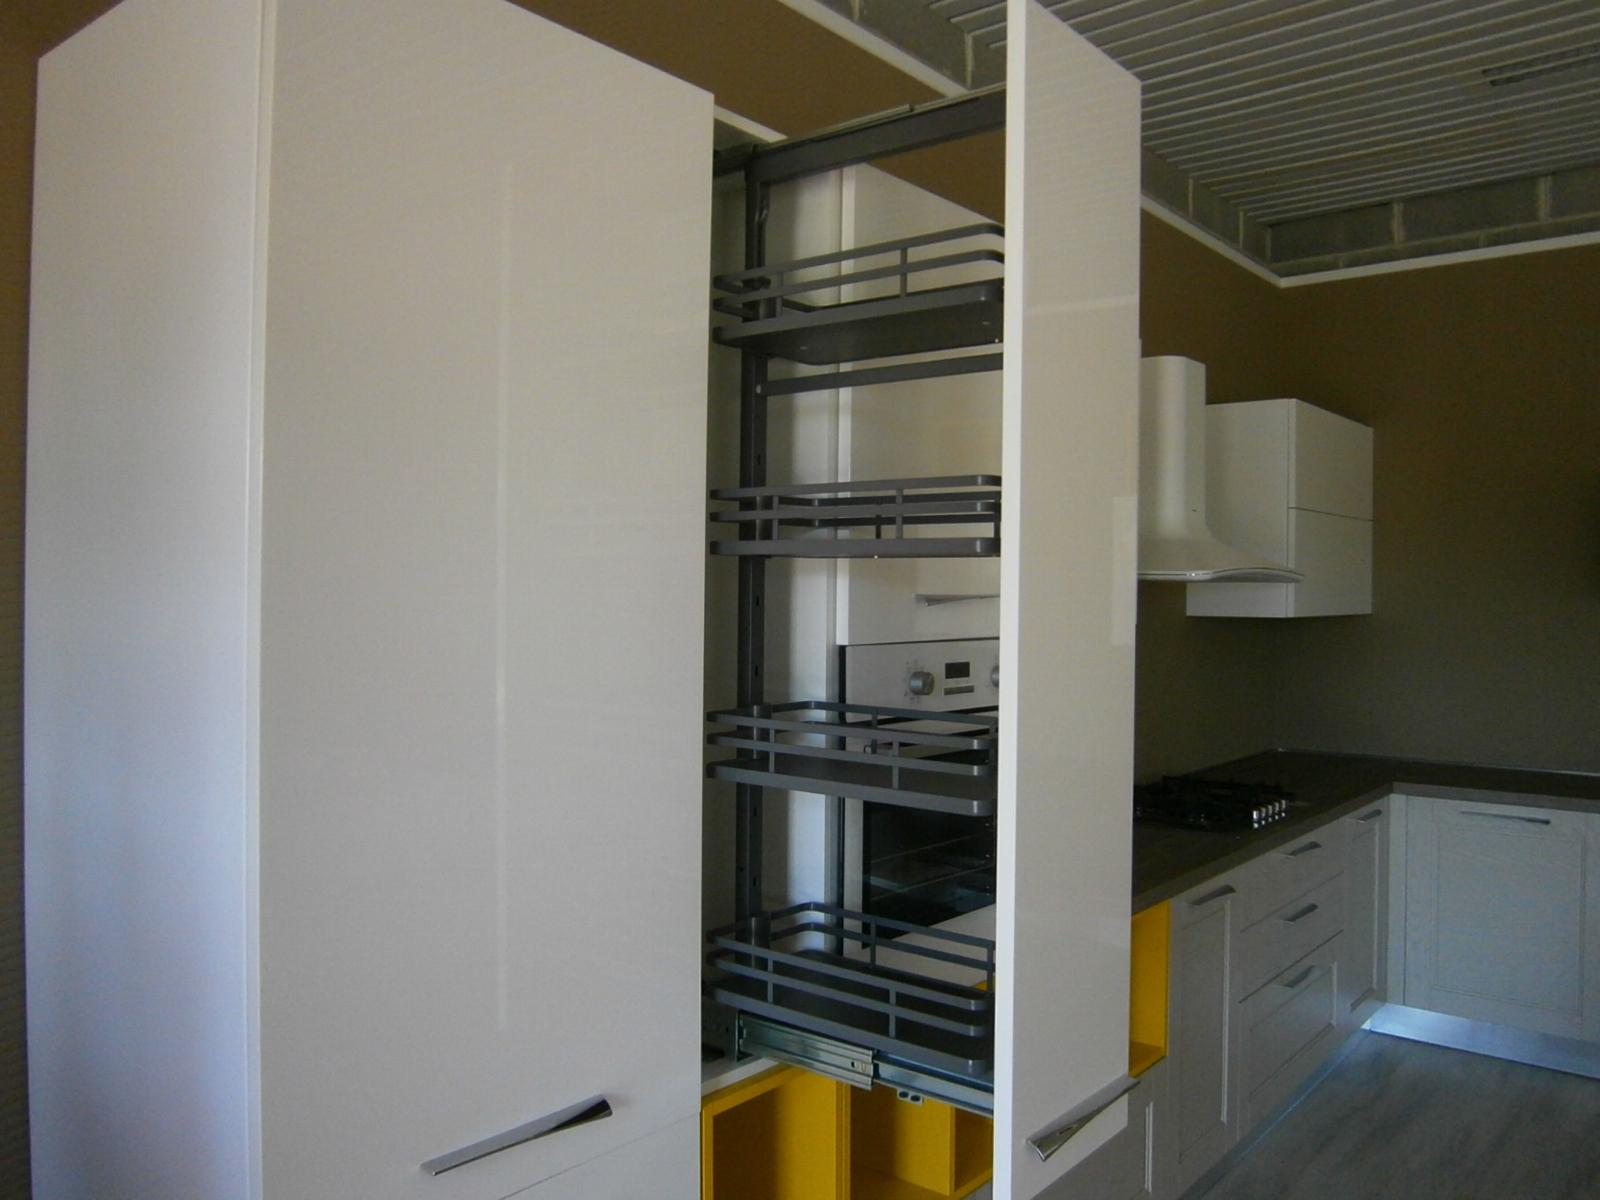 Cucina arrex 1 alice moderne cucine a prezzi scontati - Cucina di alice ...